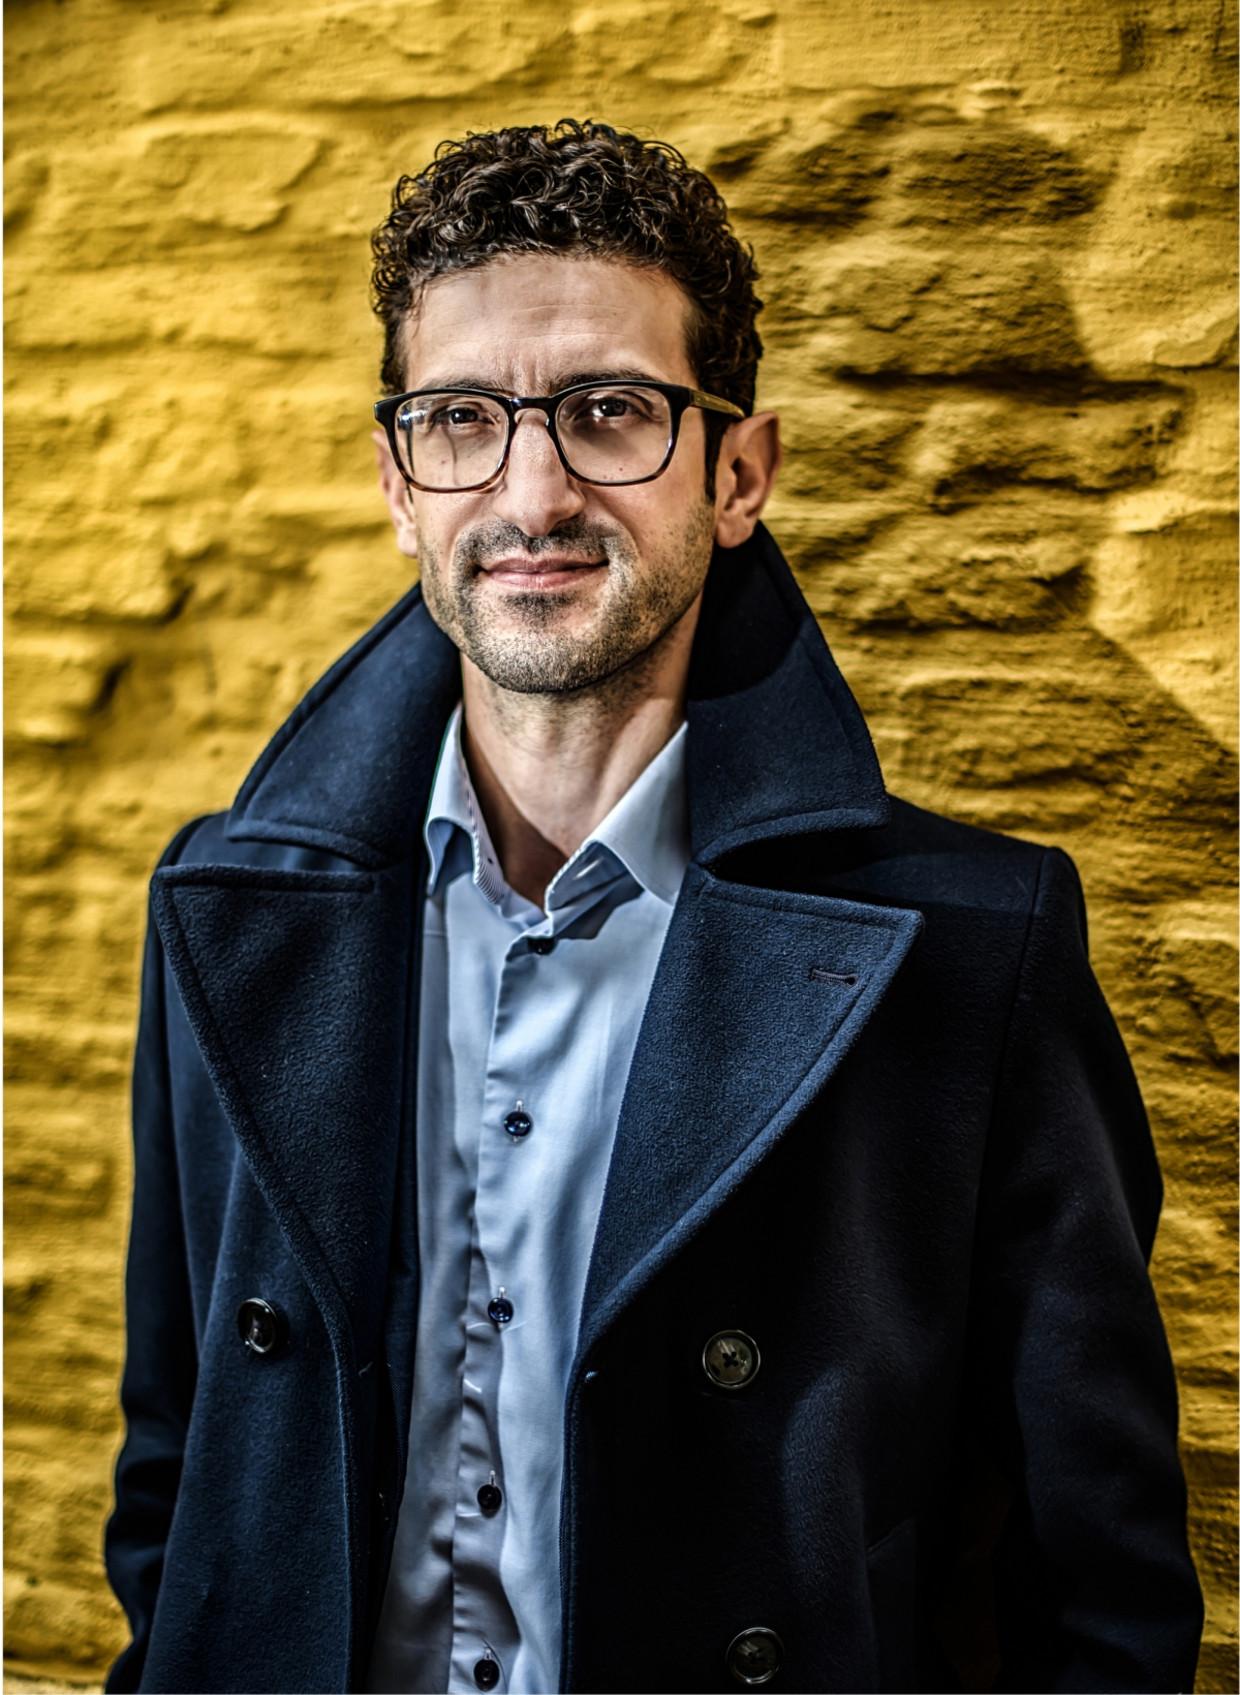 'Het CLB ging ervan uit dat ik nooit verder zou springen dan mijn ouders, ondanks al mijn goede rapporten' Beeld Geert Van de Velde